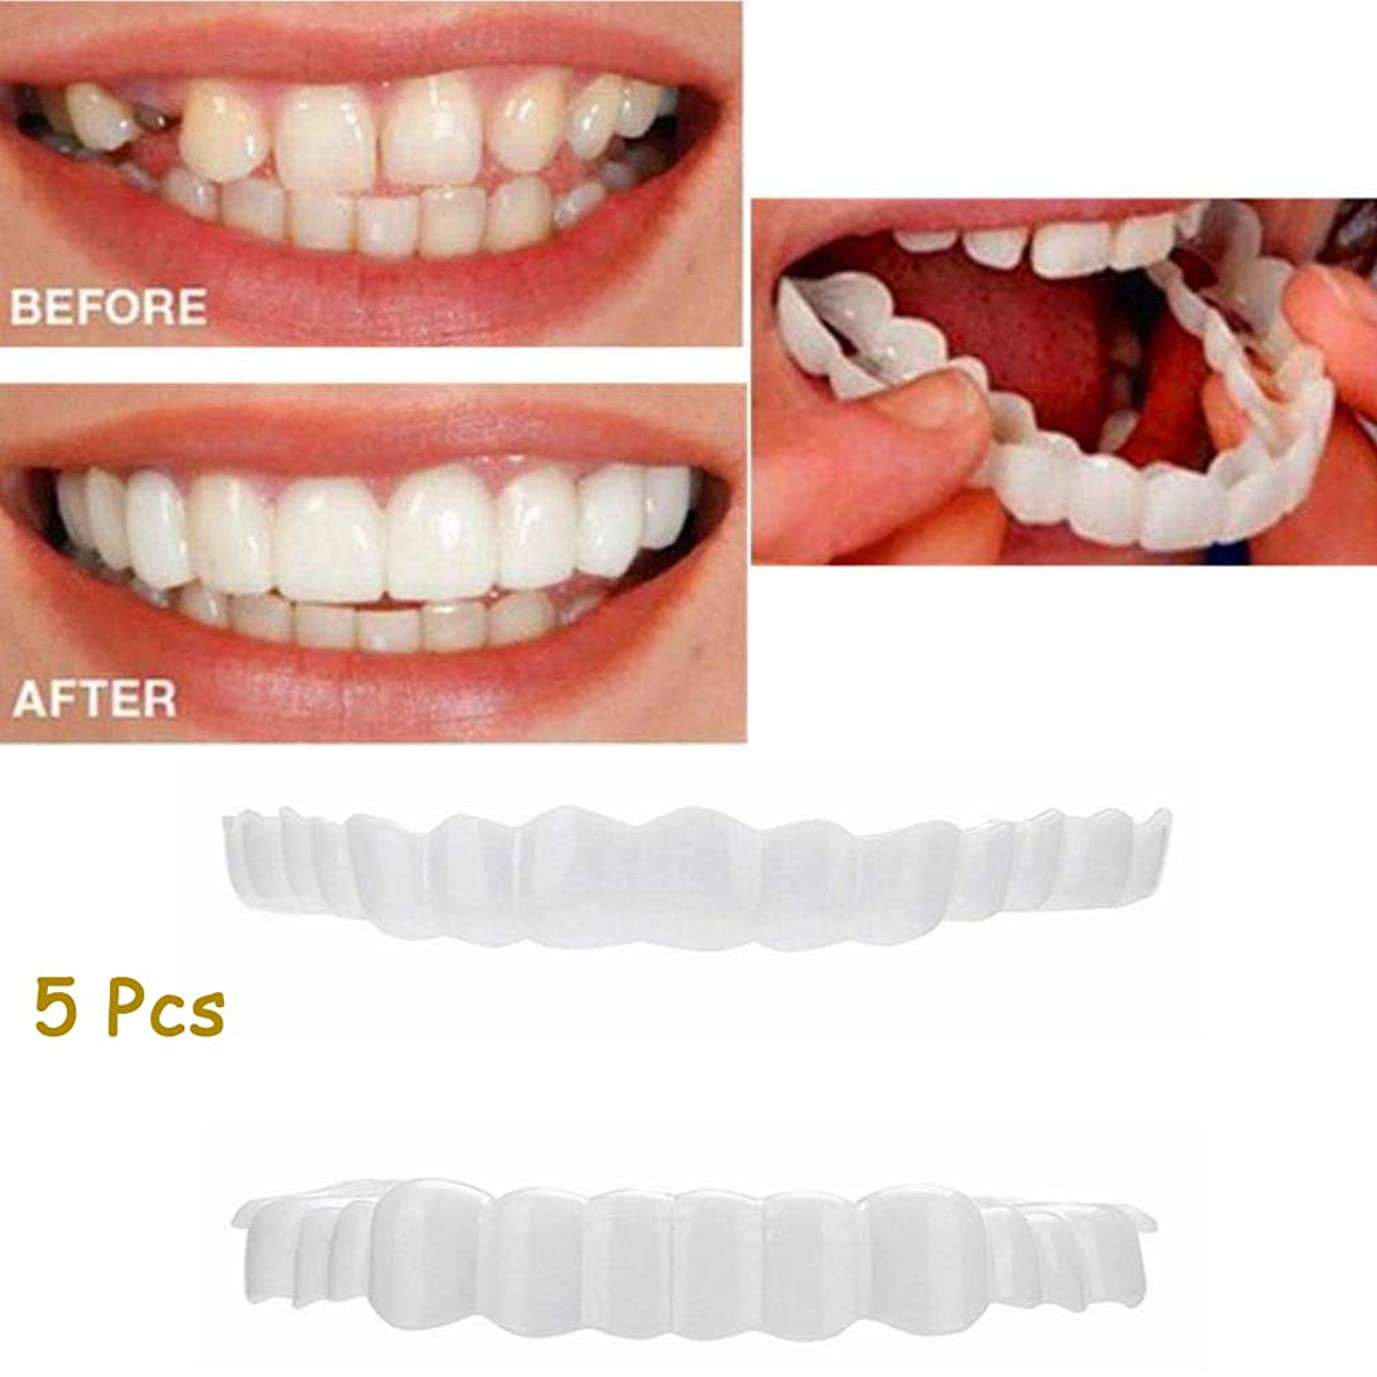 生きている蒸発するアンビエント5ピース上歯+下歯セットインスタントパーフェクトコンフォートフィットフレックス化粧品歯入れ歯歯ホワイトニングスマイルフェイク歯